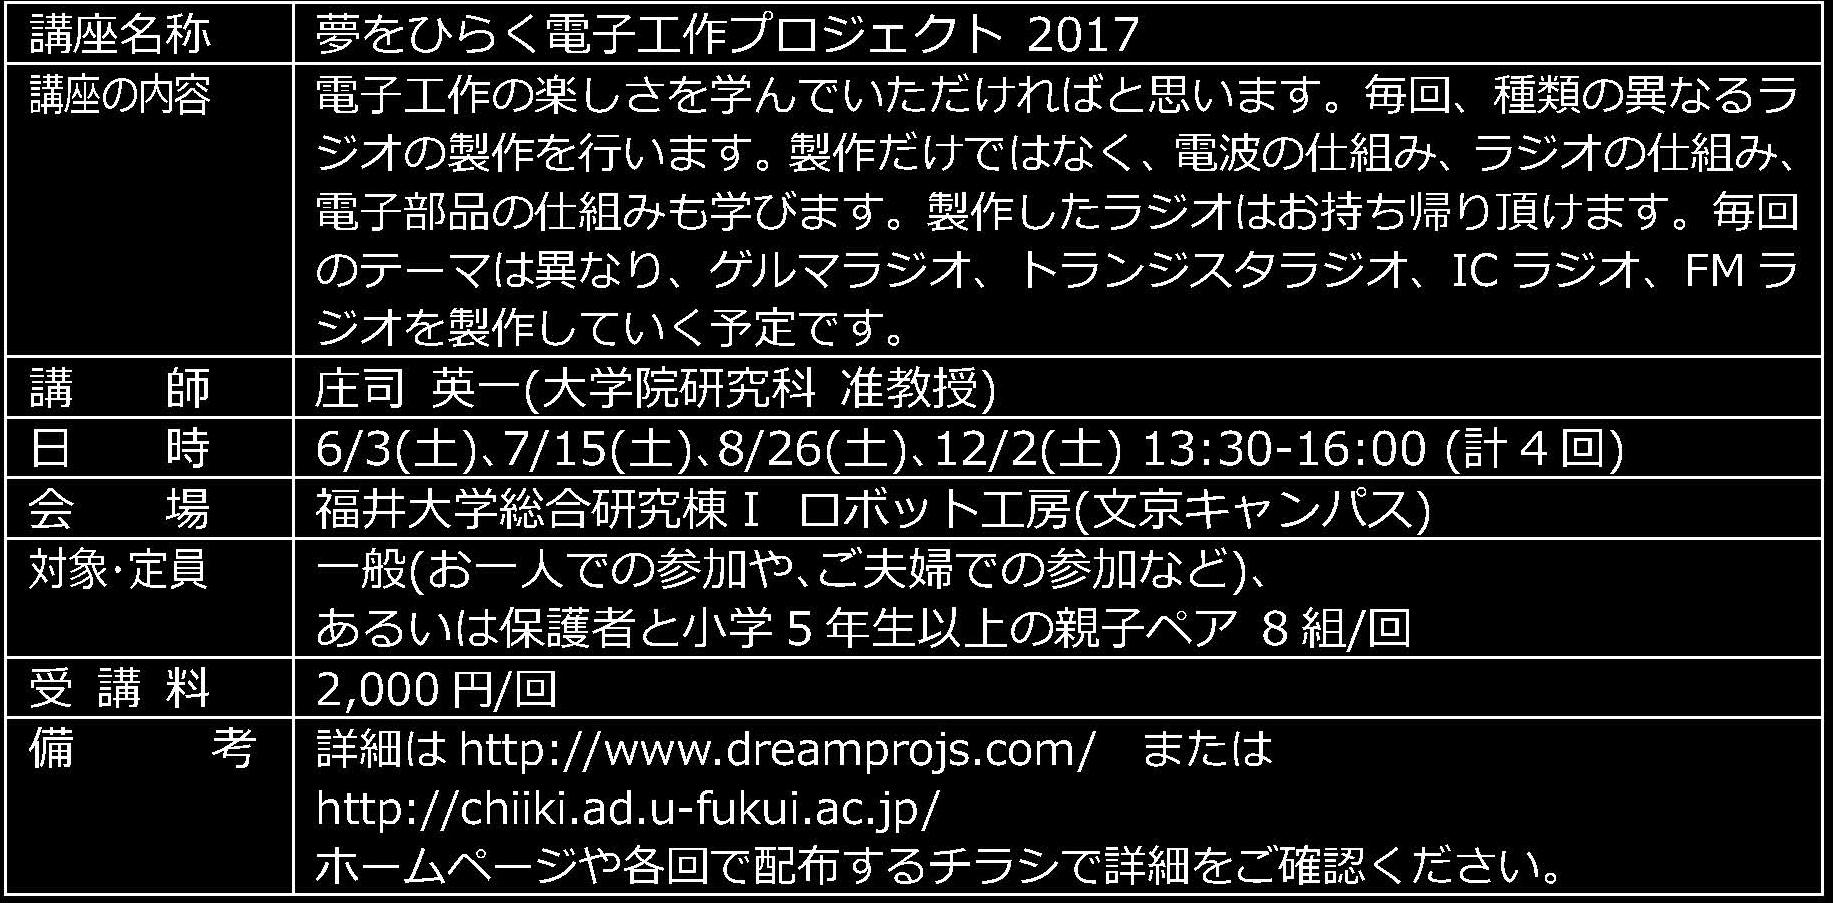 2017kokai_1s1.jpg